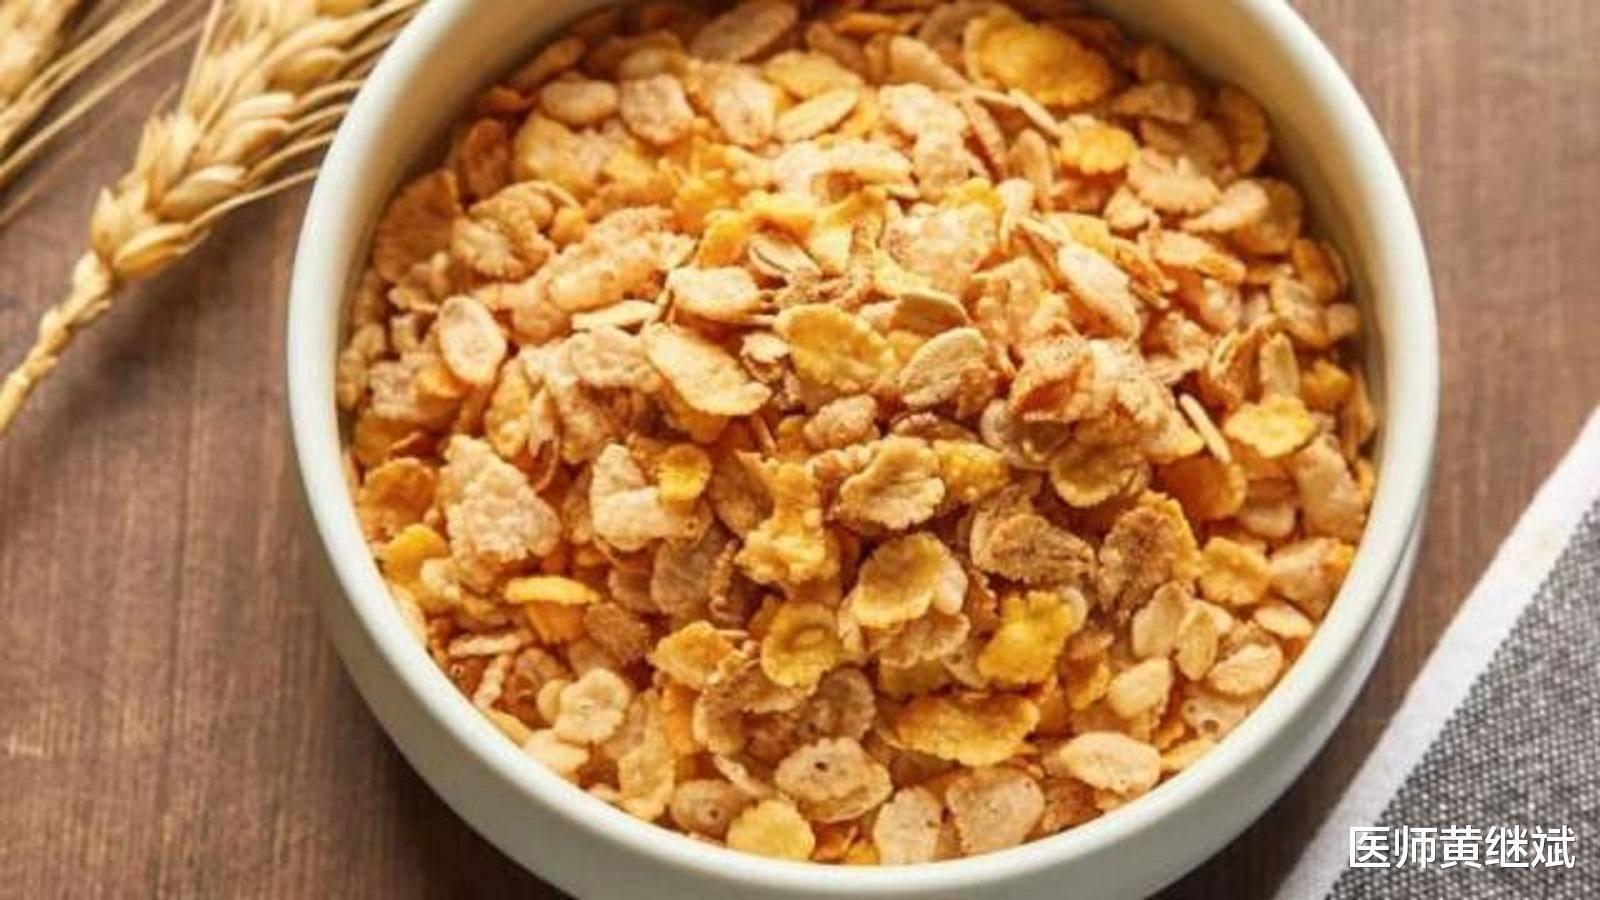 营养美味的早餐佳品,常吃降低血脂,燕麦和麦片的区别在哪?